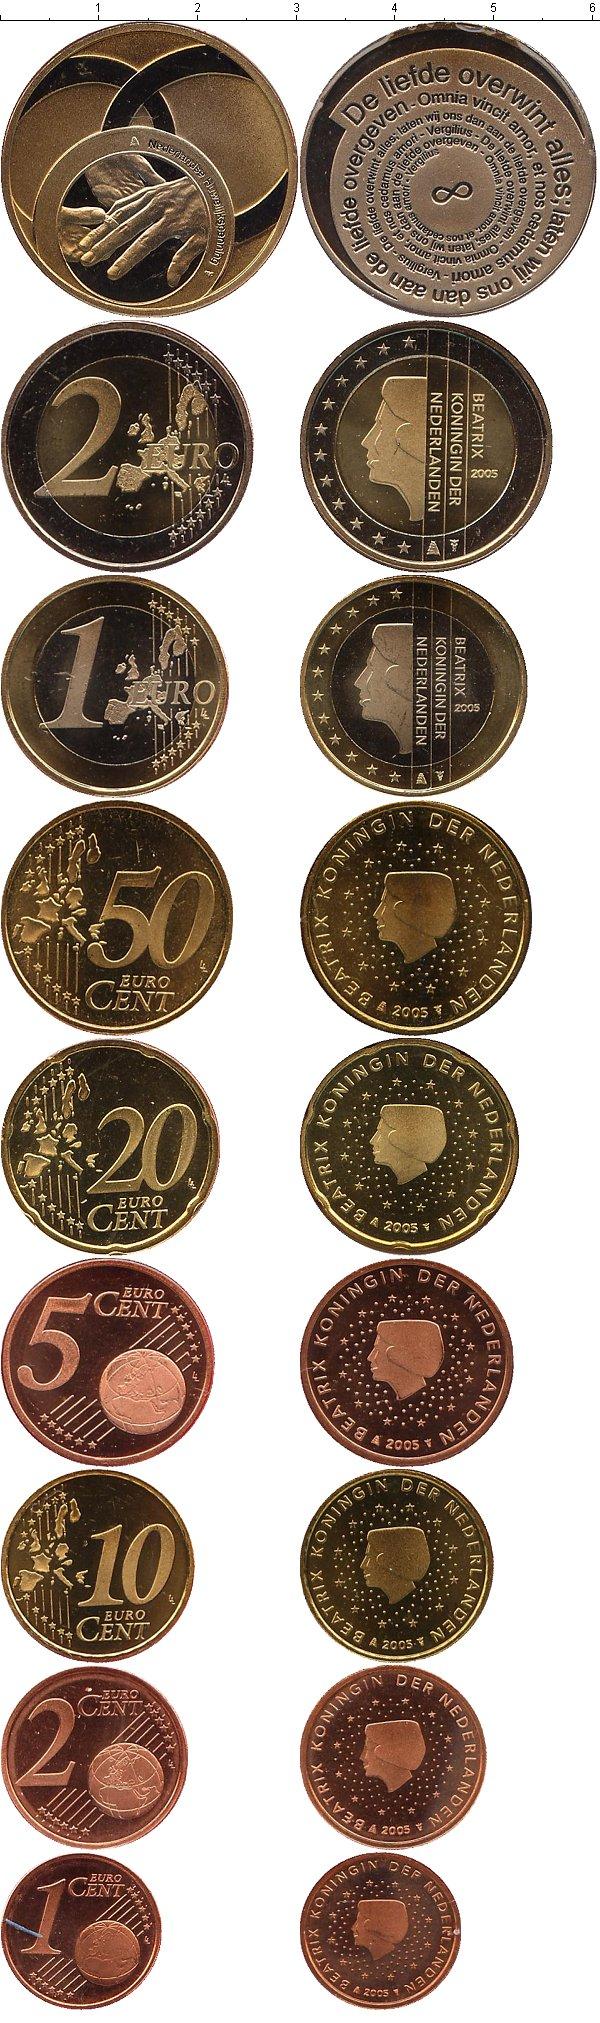 Картинка Подарочные наборы Нидерланды Свадебный евронабор  2005